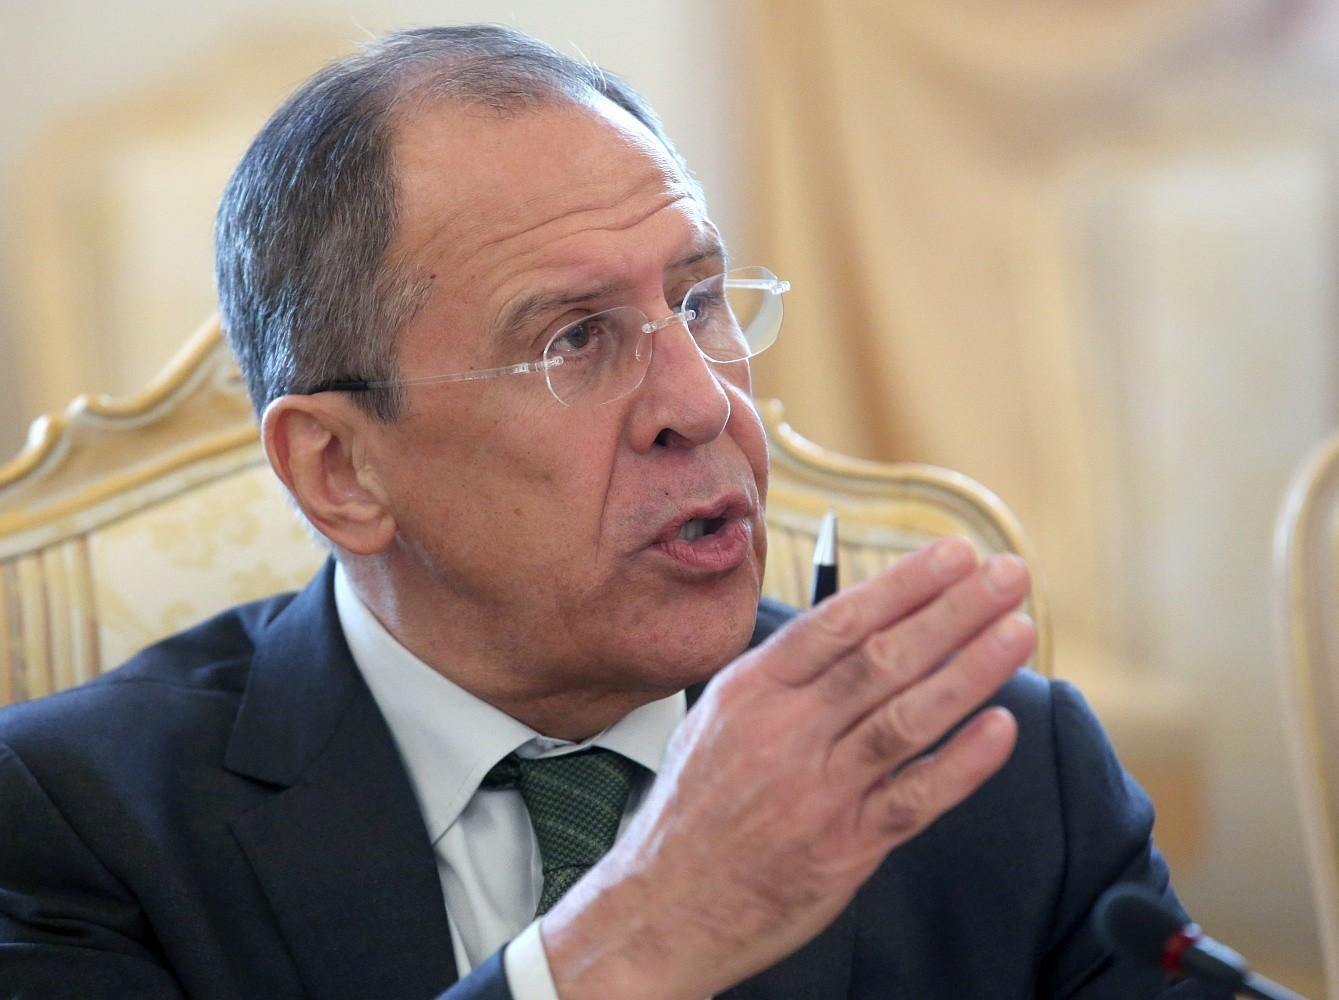 Лавров прокомментировал шутку уполномченных Франции про президентские выборы в Российской Федерации